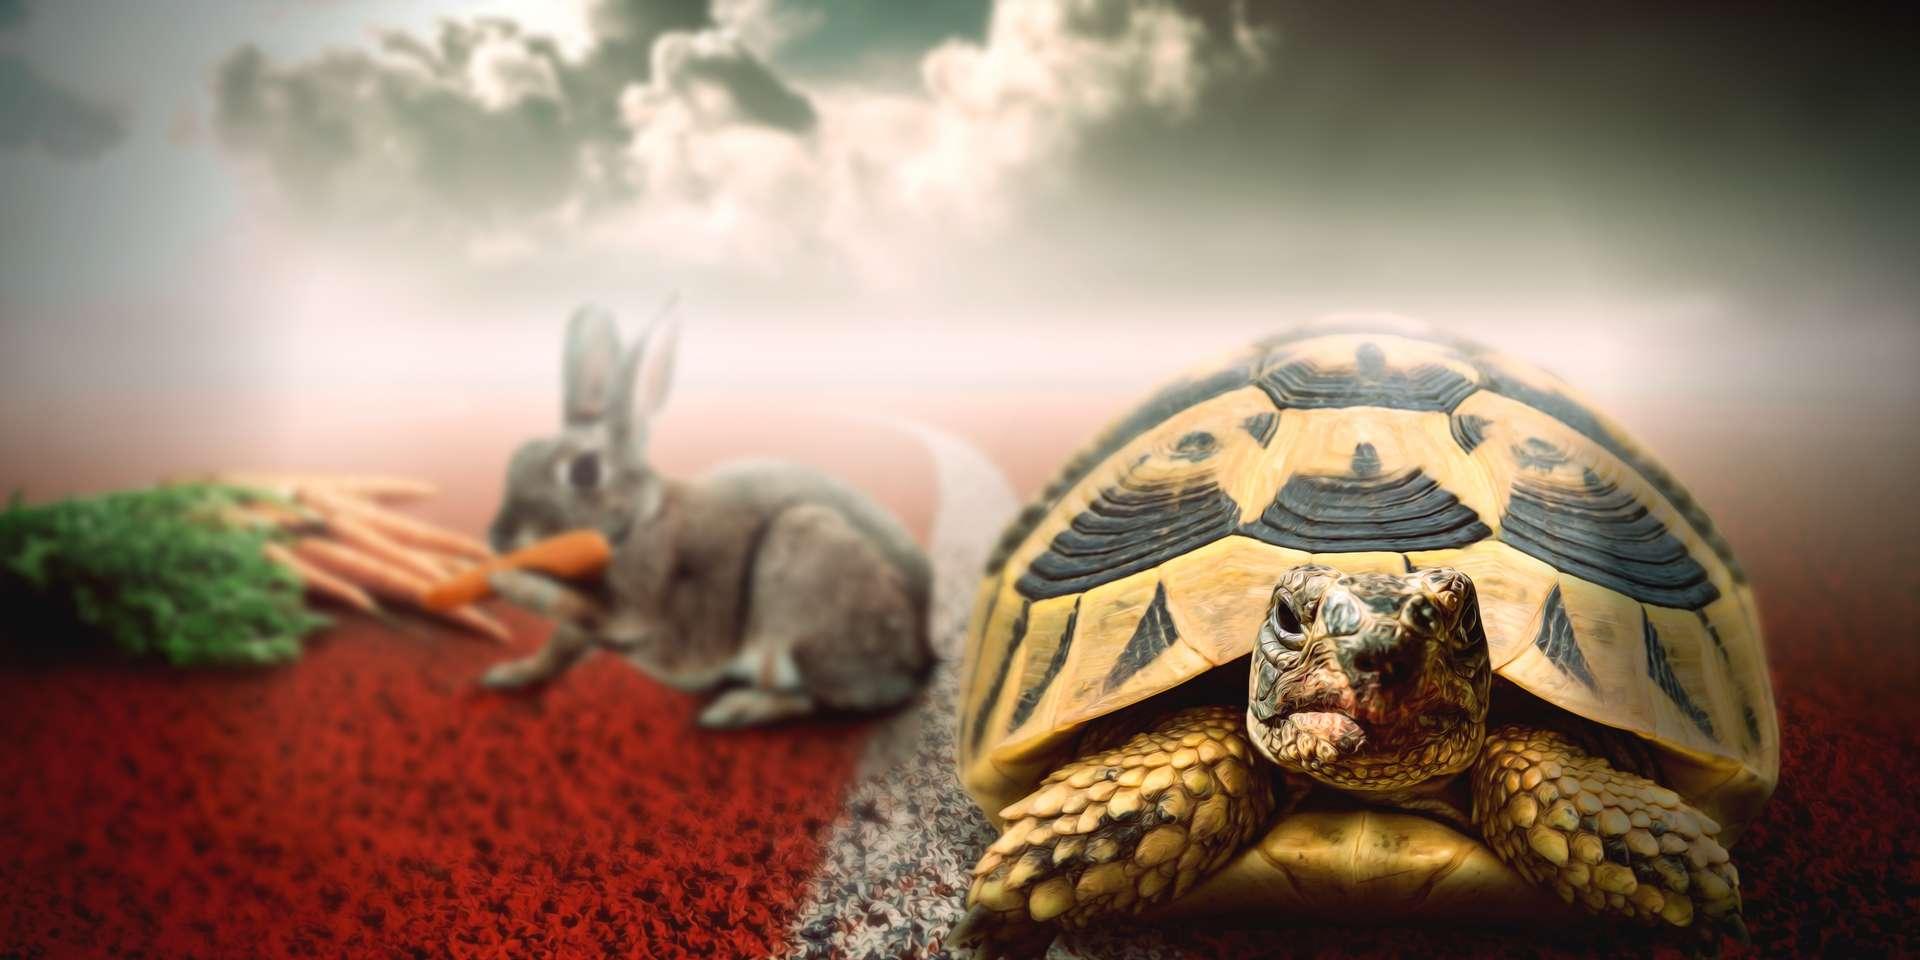 Une fois encore, il semblerait que les espèces marines soient plus aptes à gagner la course. Bien que certaines tortues soient entièrement terrestres. © Funstarts33, Adobe Stock